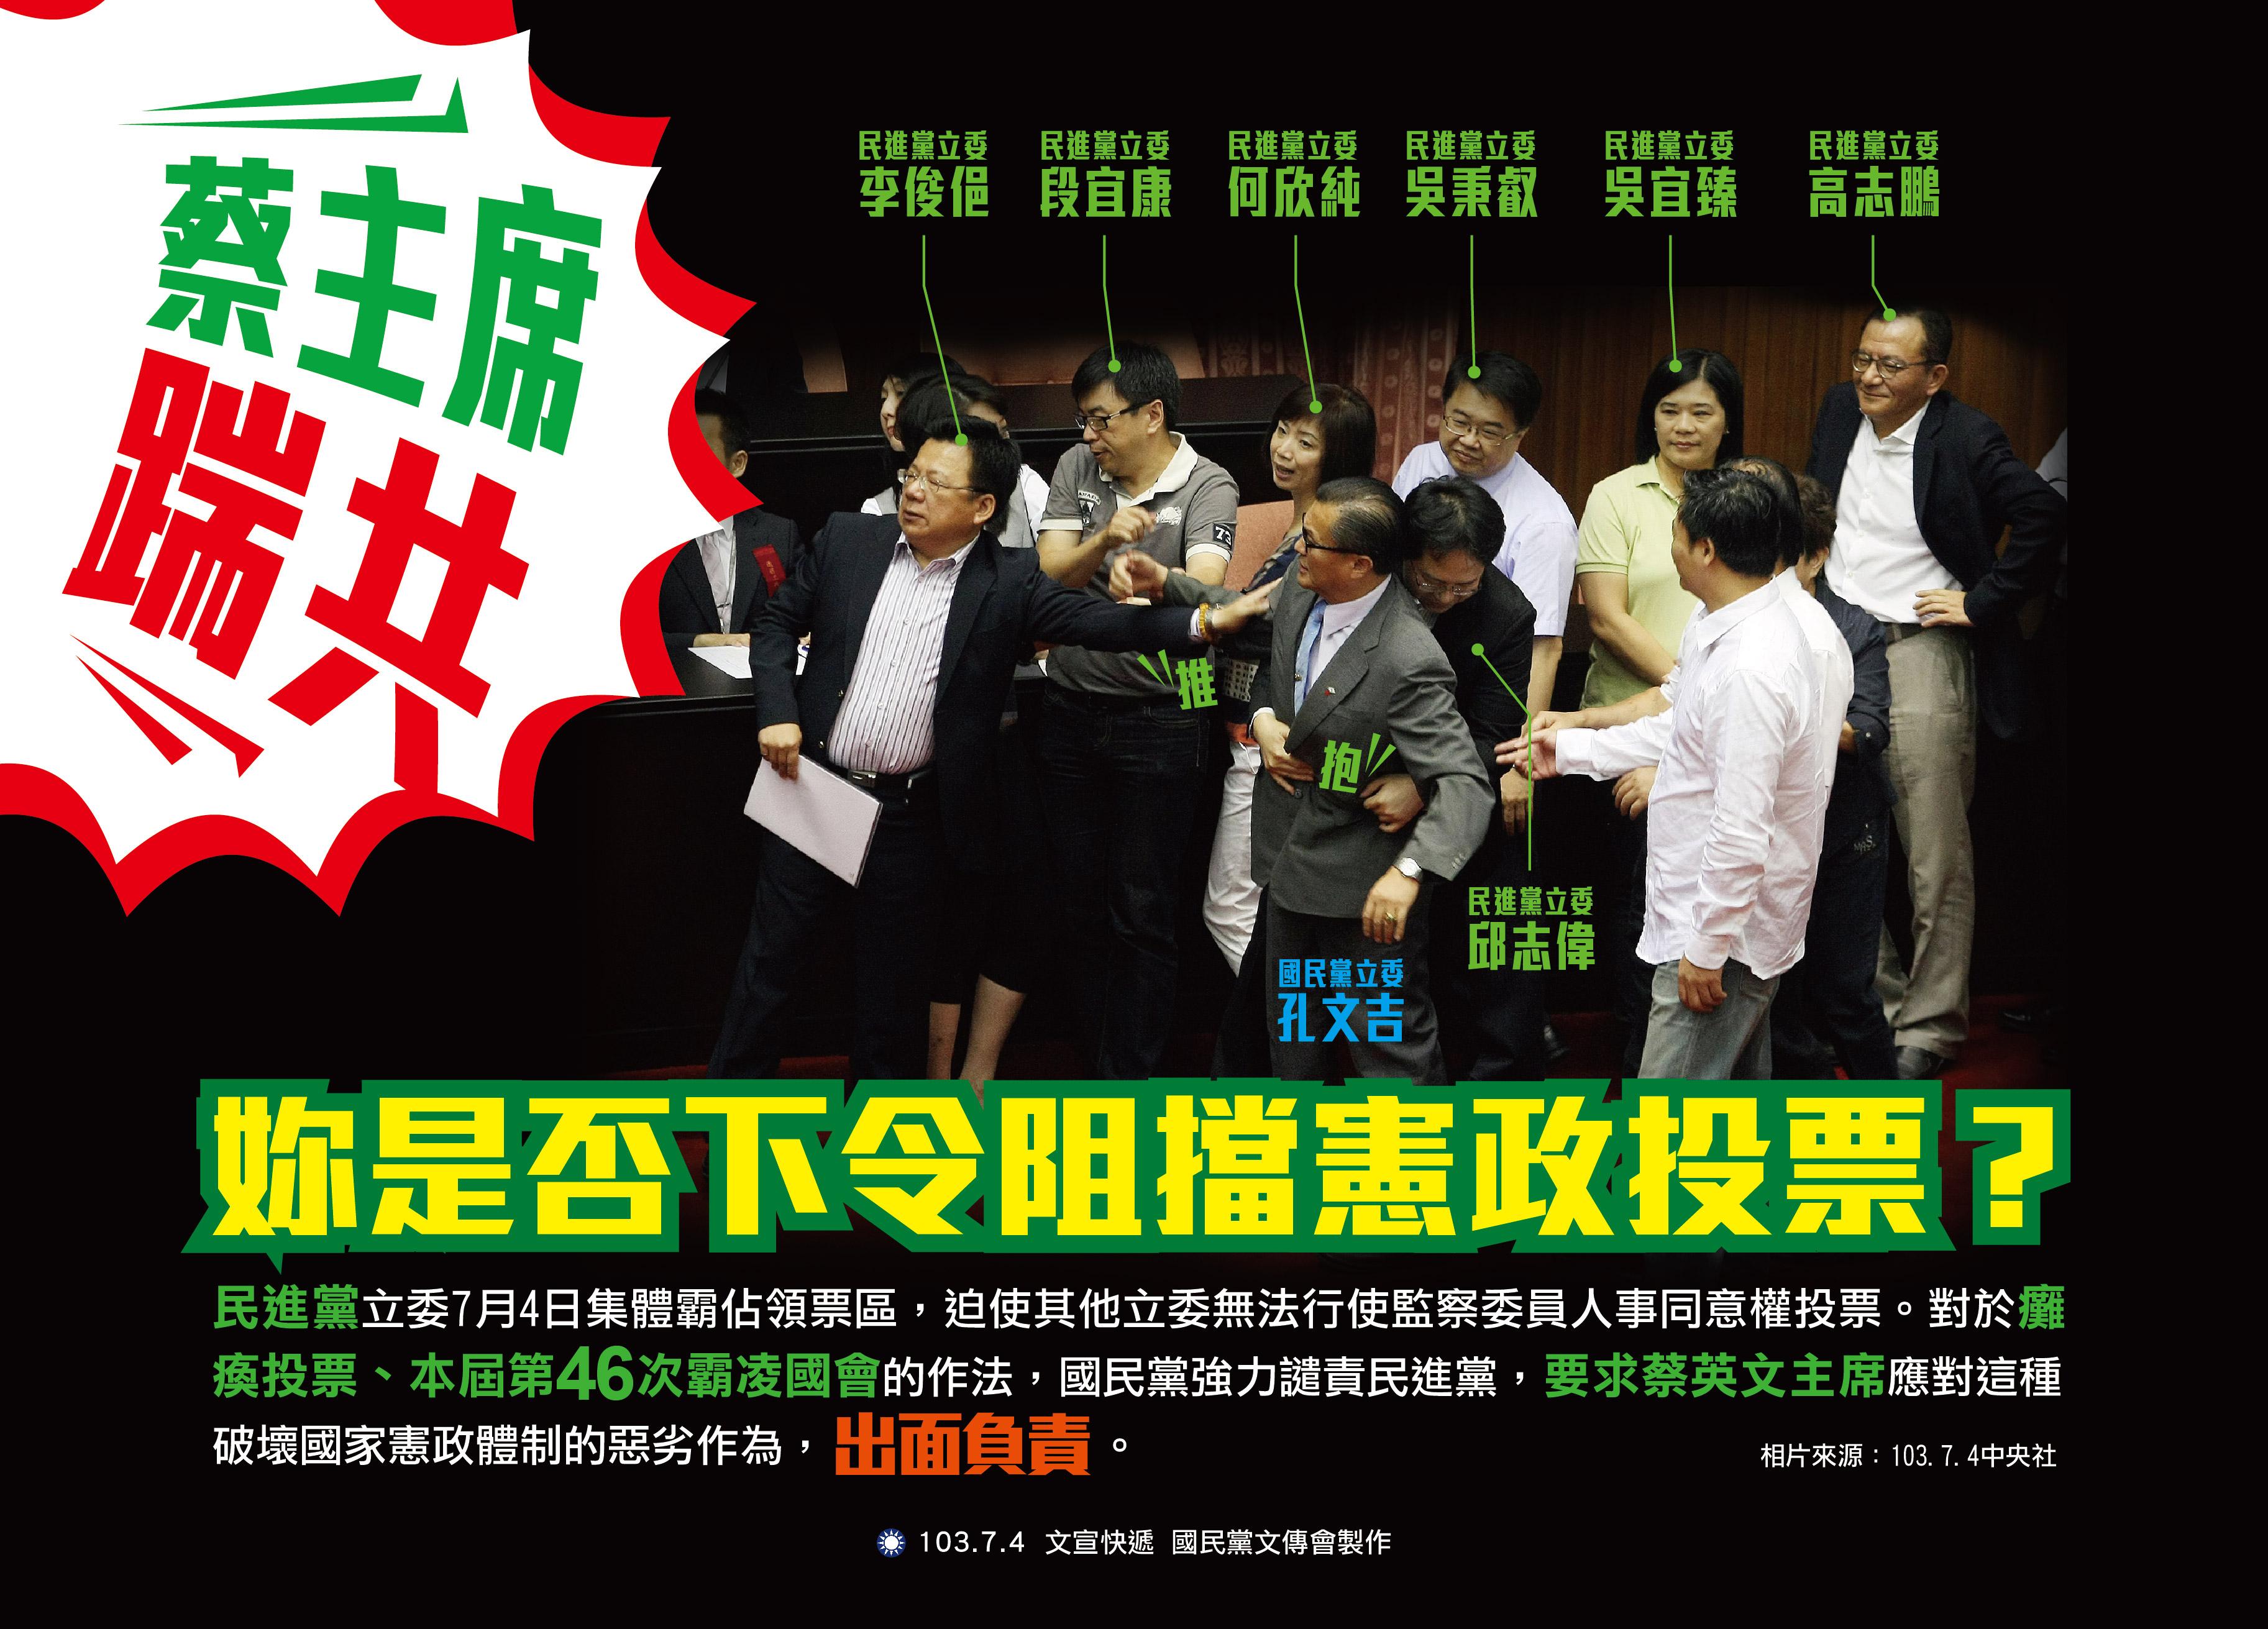 全球资讯_中国国民党全球资讯网